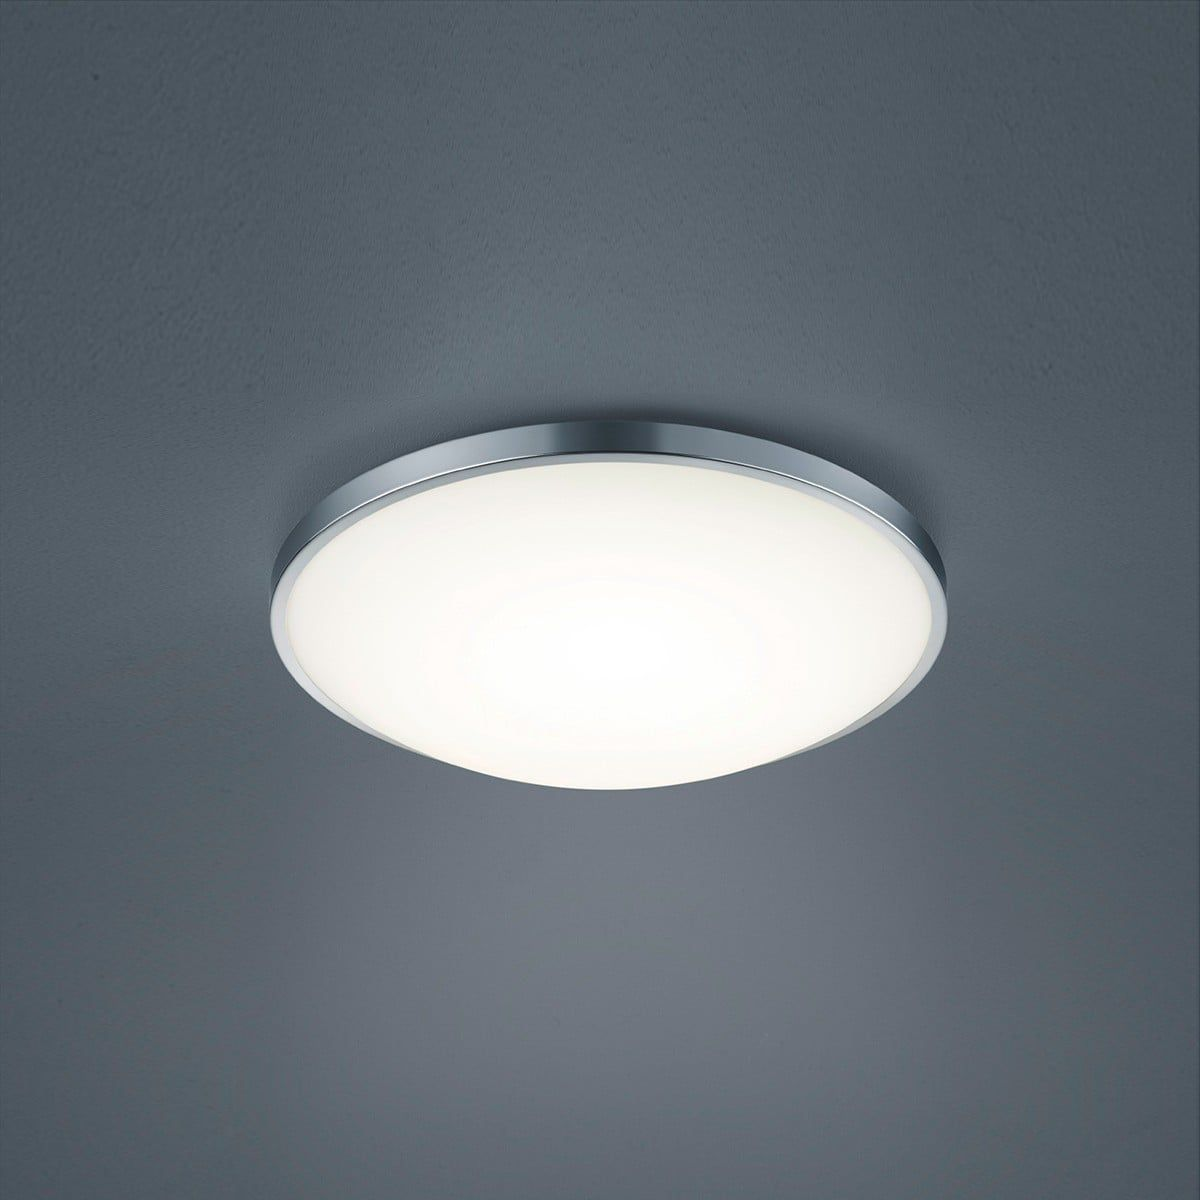 Badezimmer Lampe Austauschen